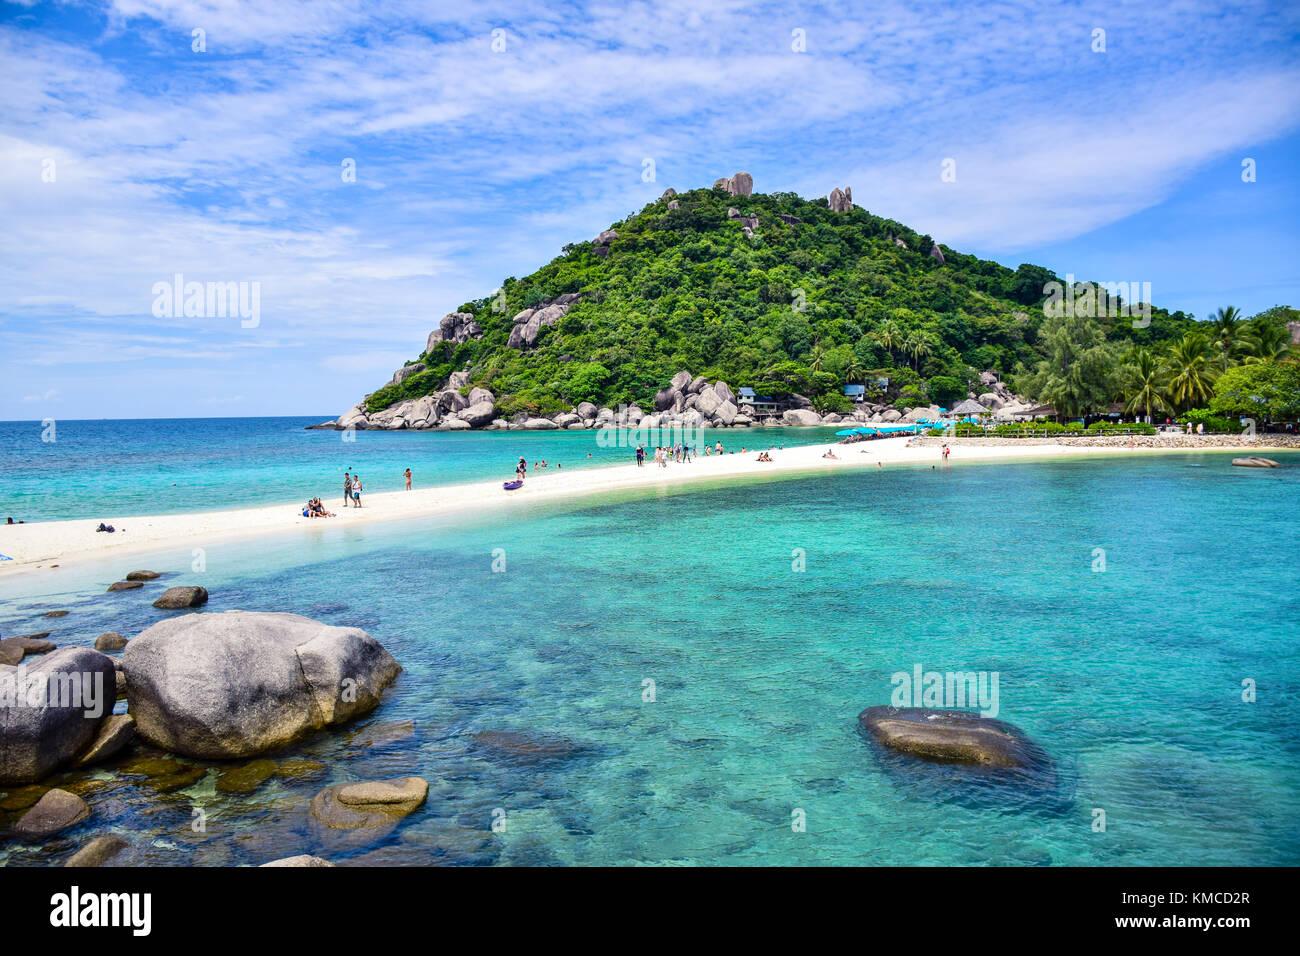 Schöne thailand Strand von Koh Nang Yuan, die beliebte touristische Destination in der Nähe von Samui Stockbild